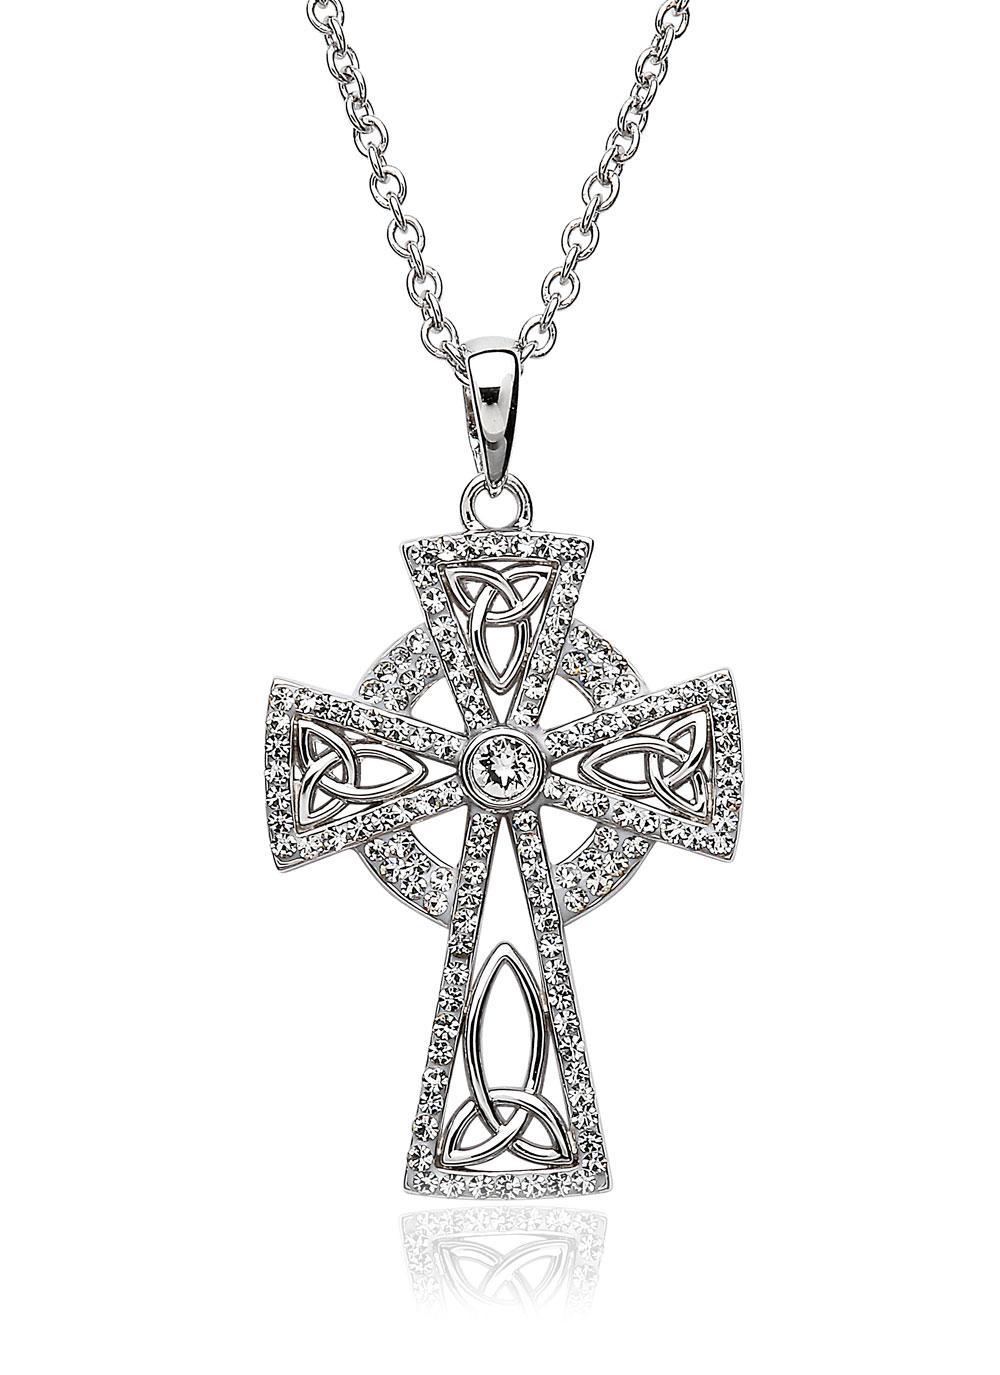 Celtic Cross Pendant Embellished With Swarovski Crystals